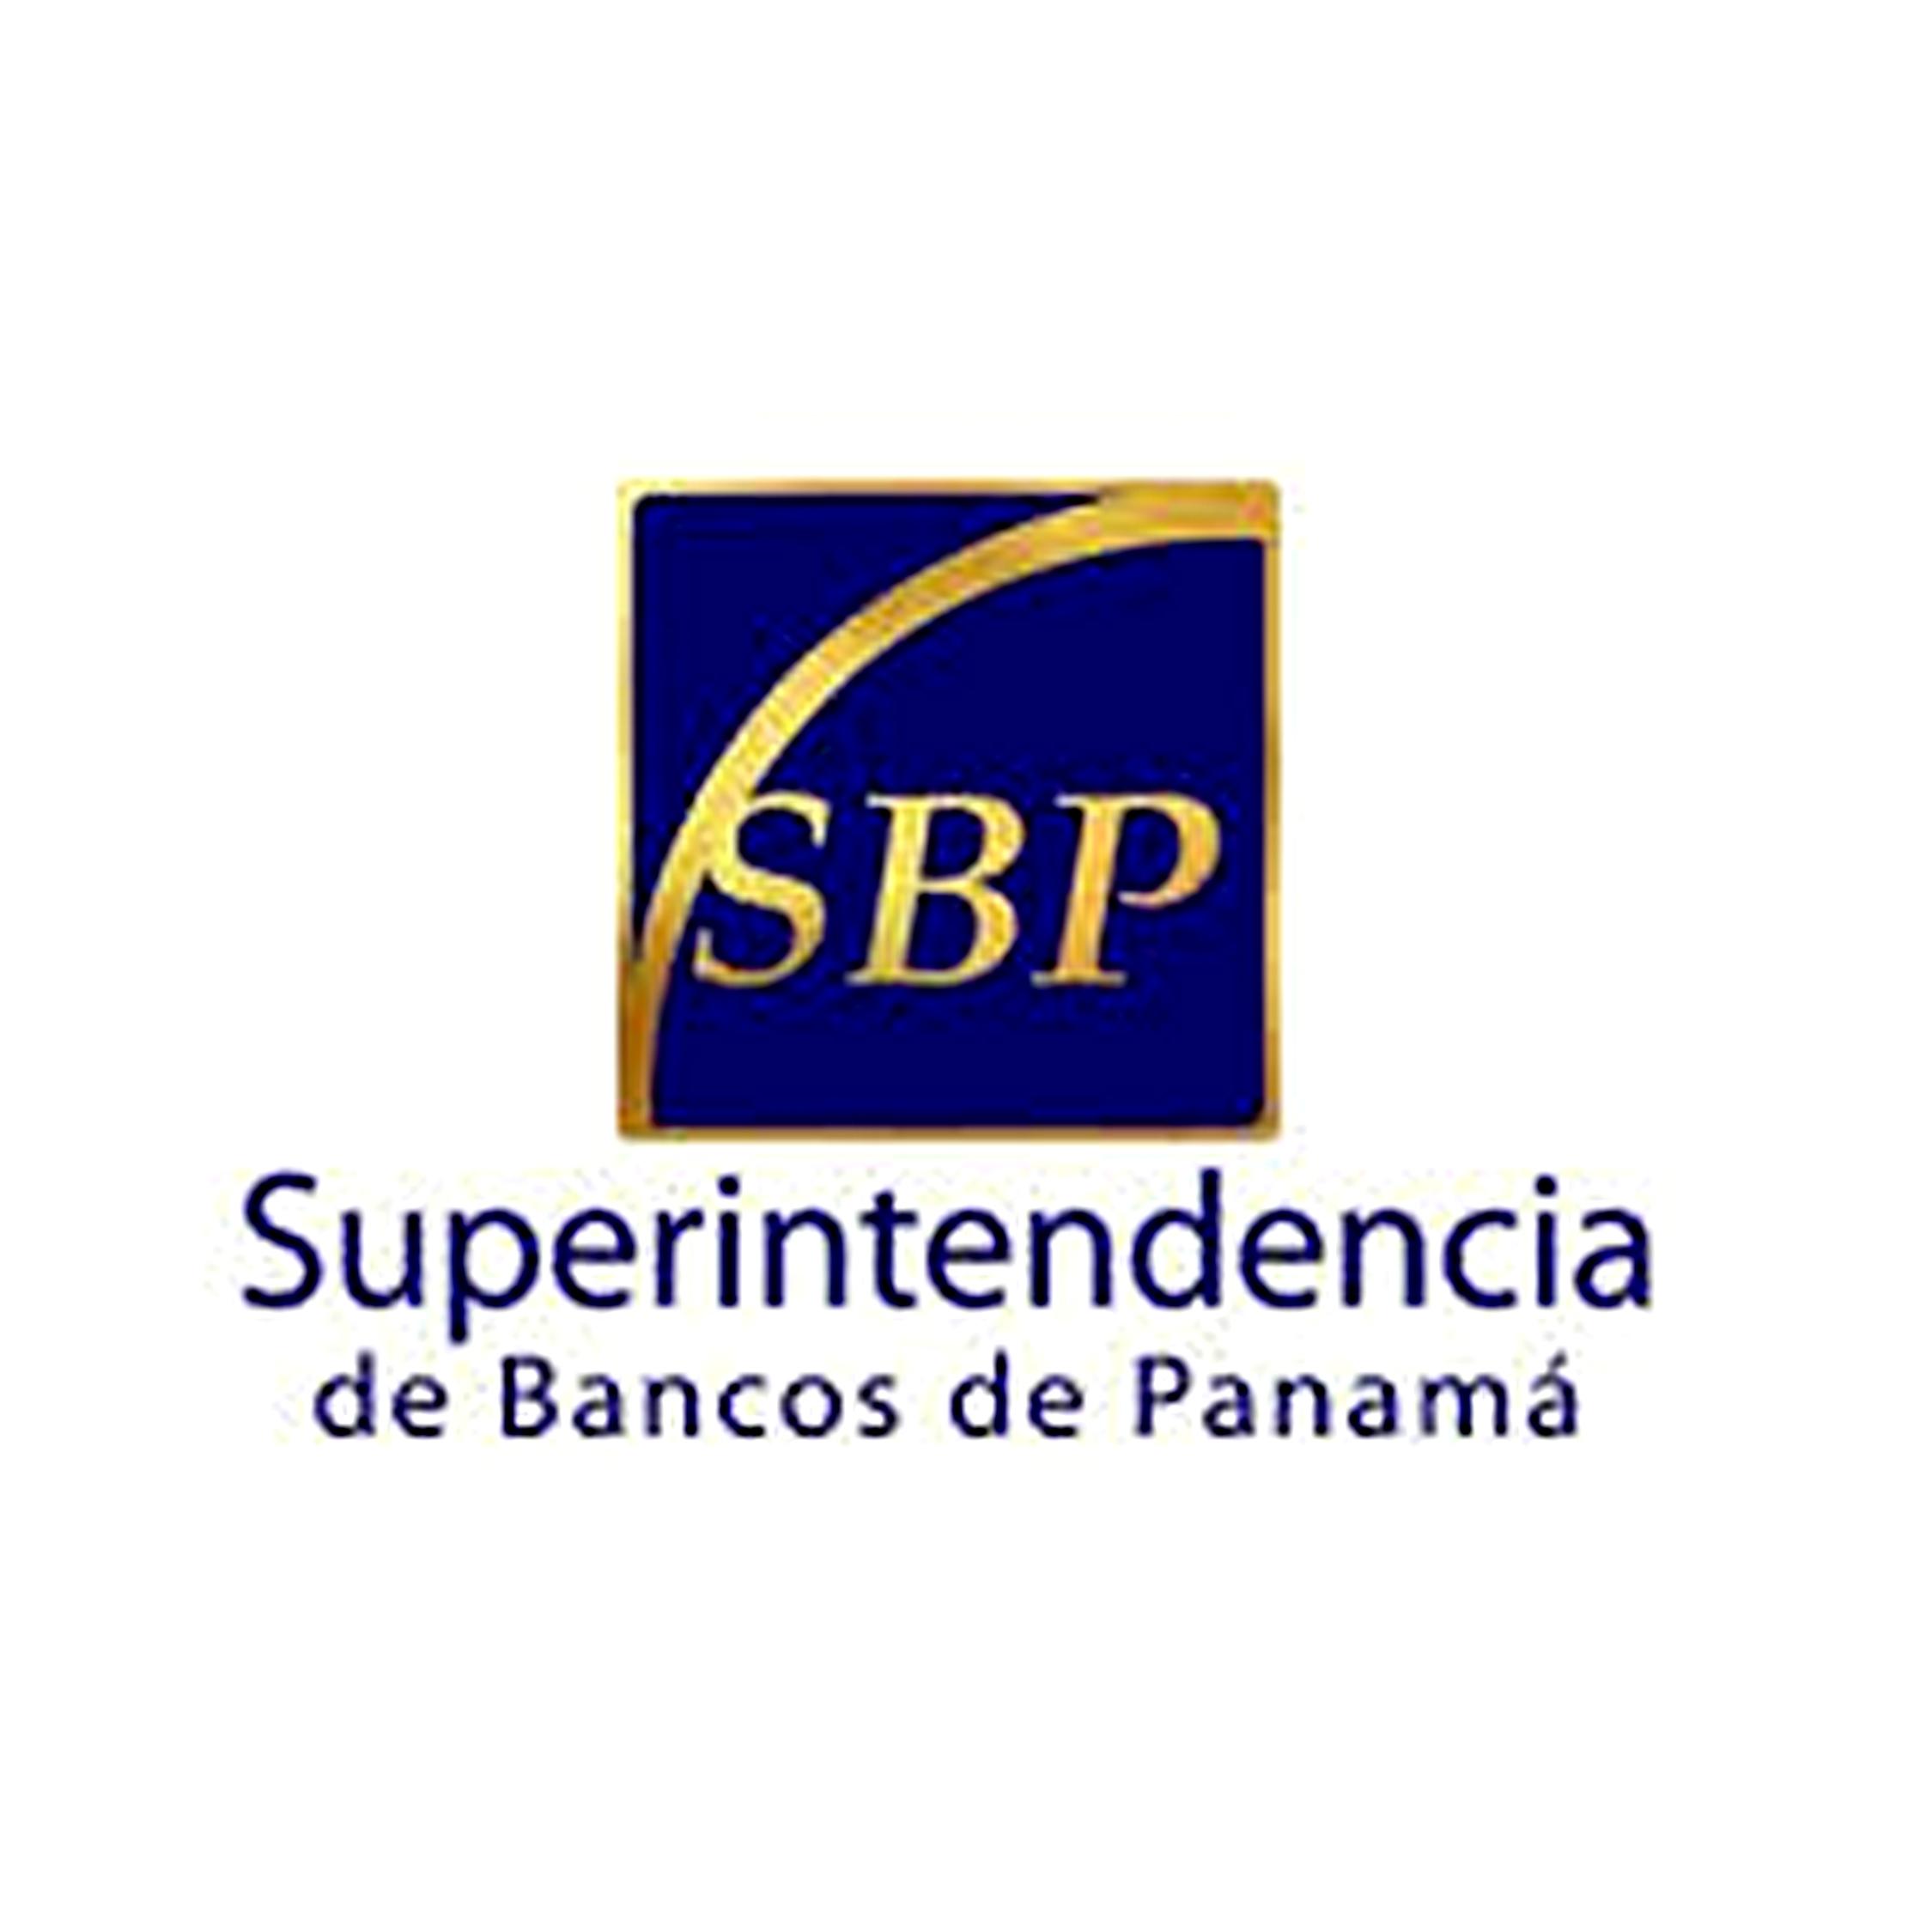 superintendencia-de-bancos-de-panama-sbp